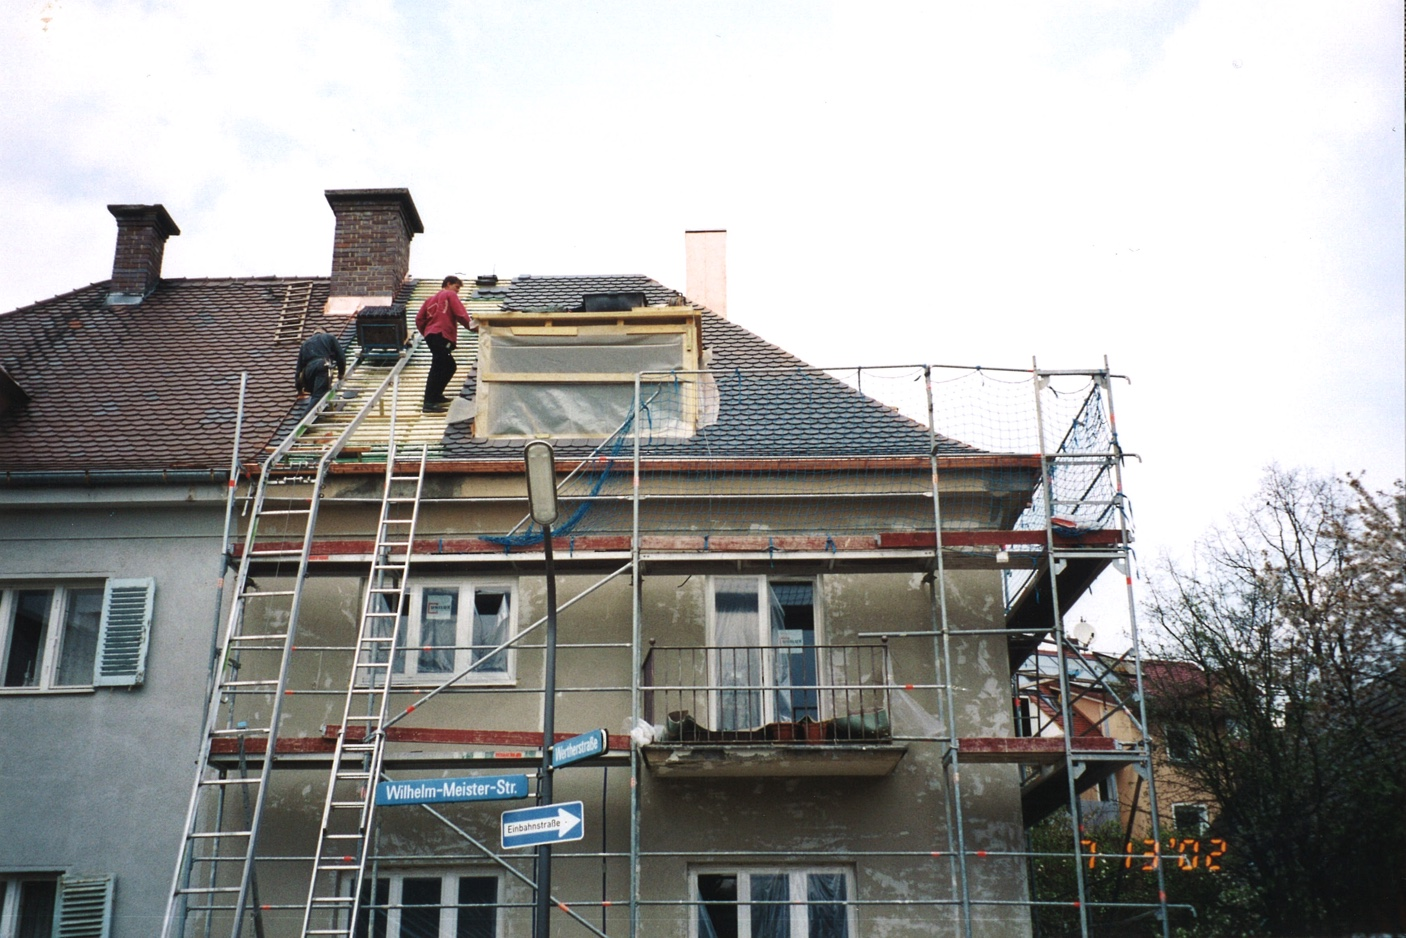 Umbau_MFH_Schwabing2